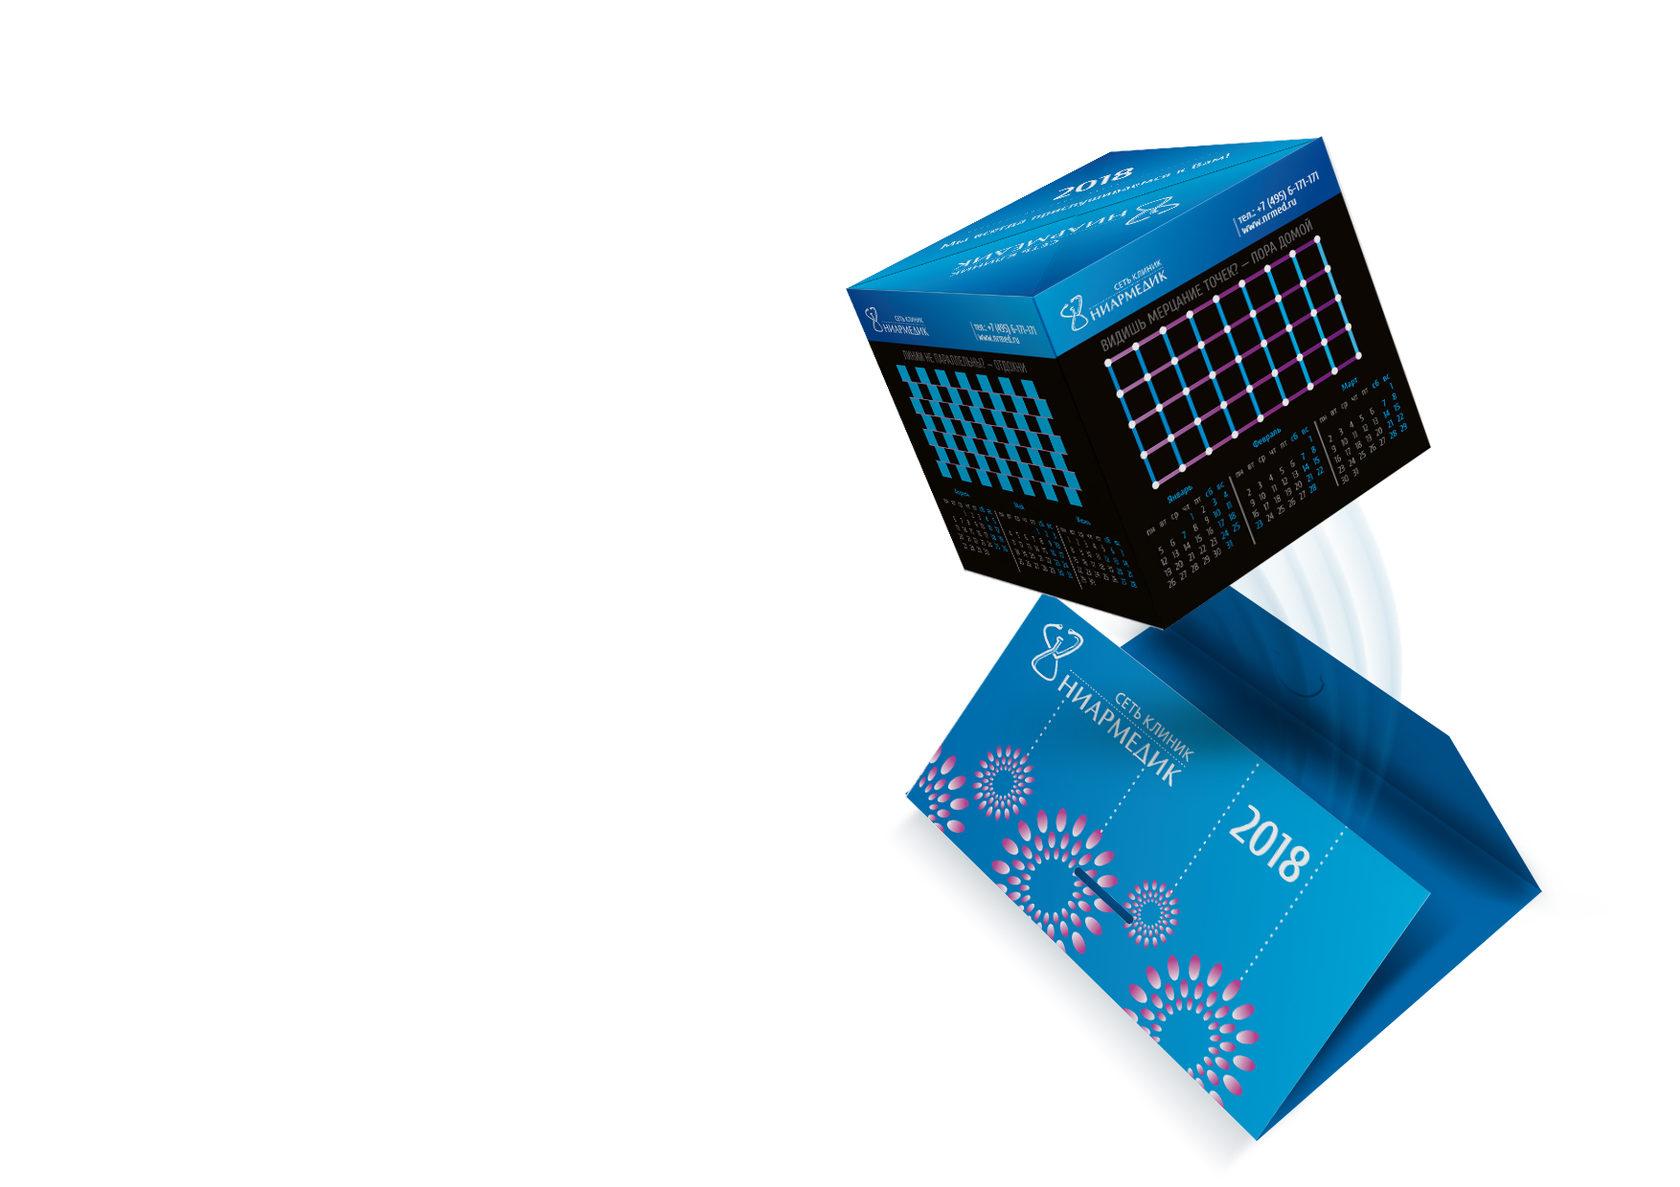 этом открытка с выпрыгивающим кубиком нас оренбургской области